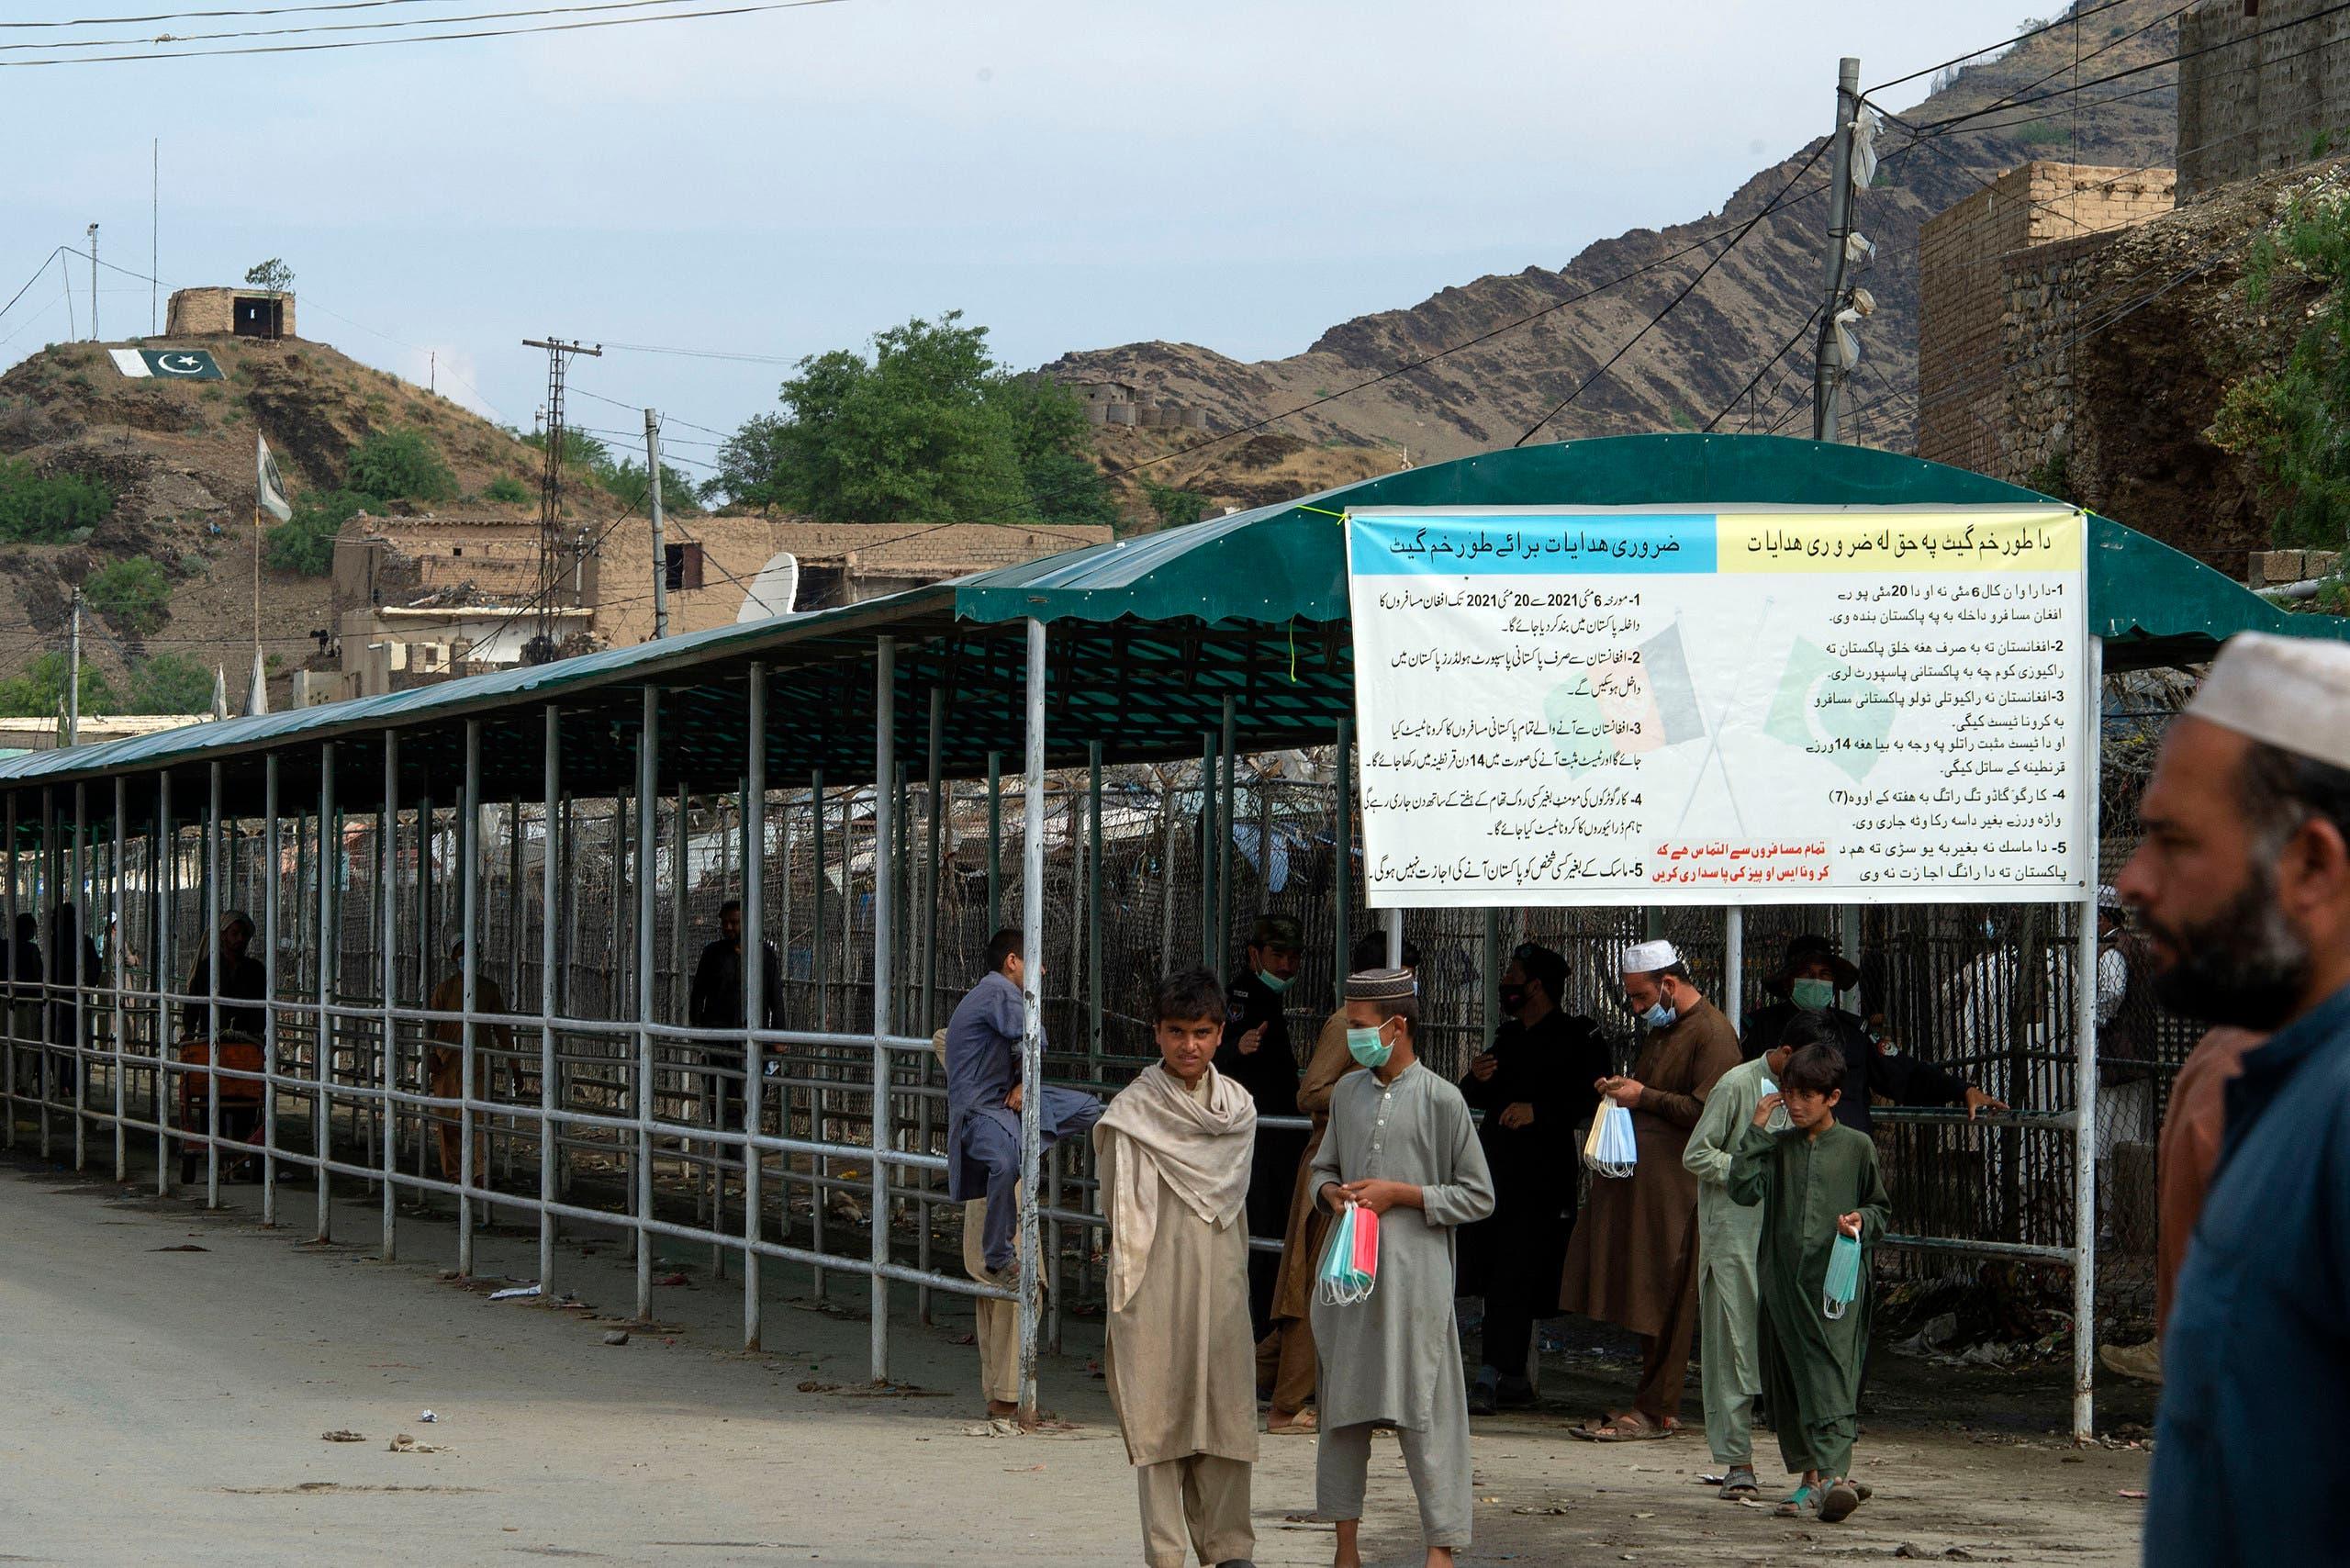 معبر حدودي بين باكستان وأفغانستان (أرشيفية)